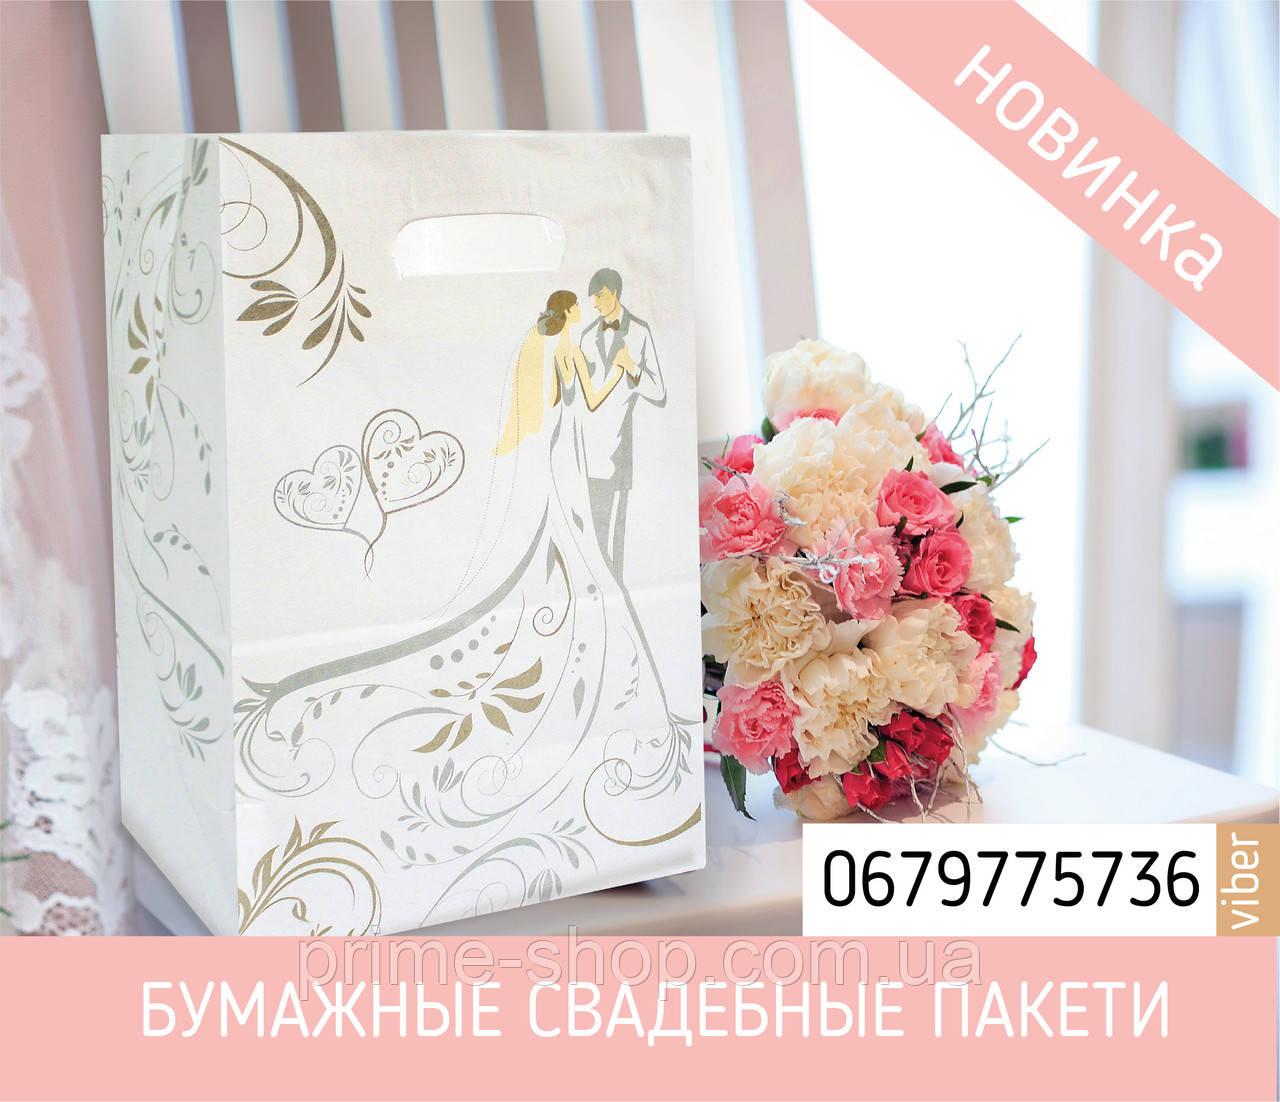 Белый свадебный бумажный пакет танец